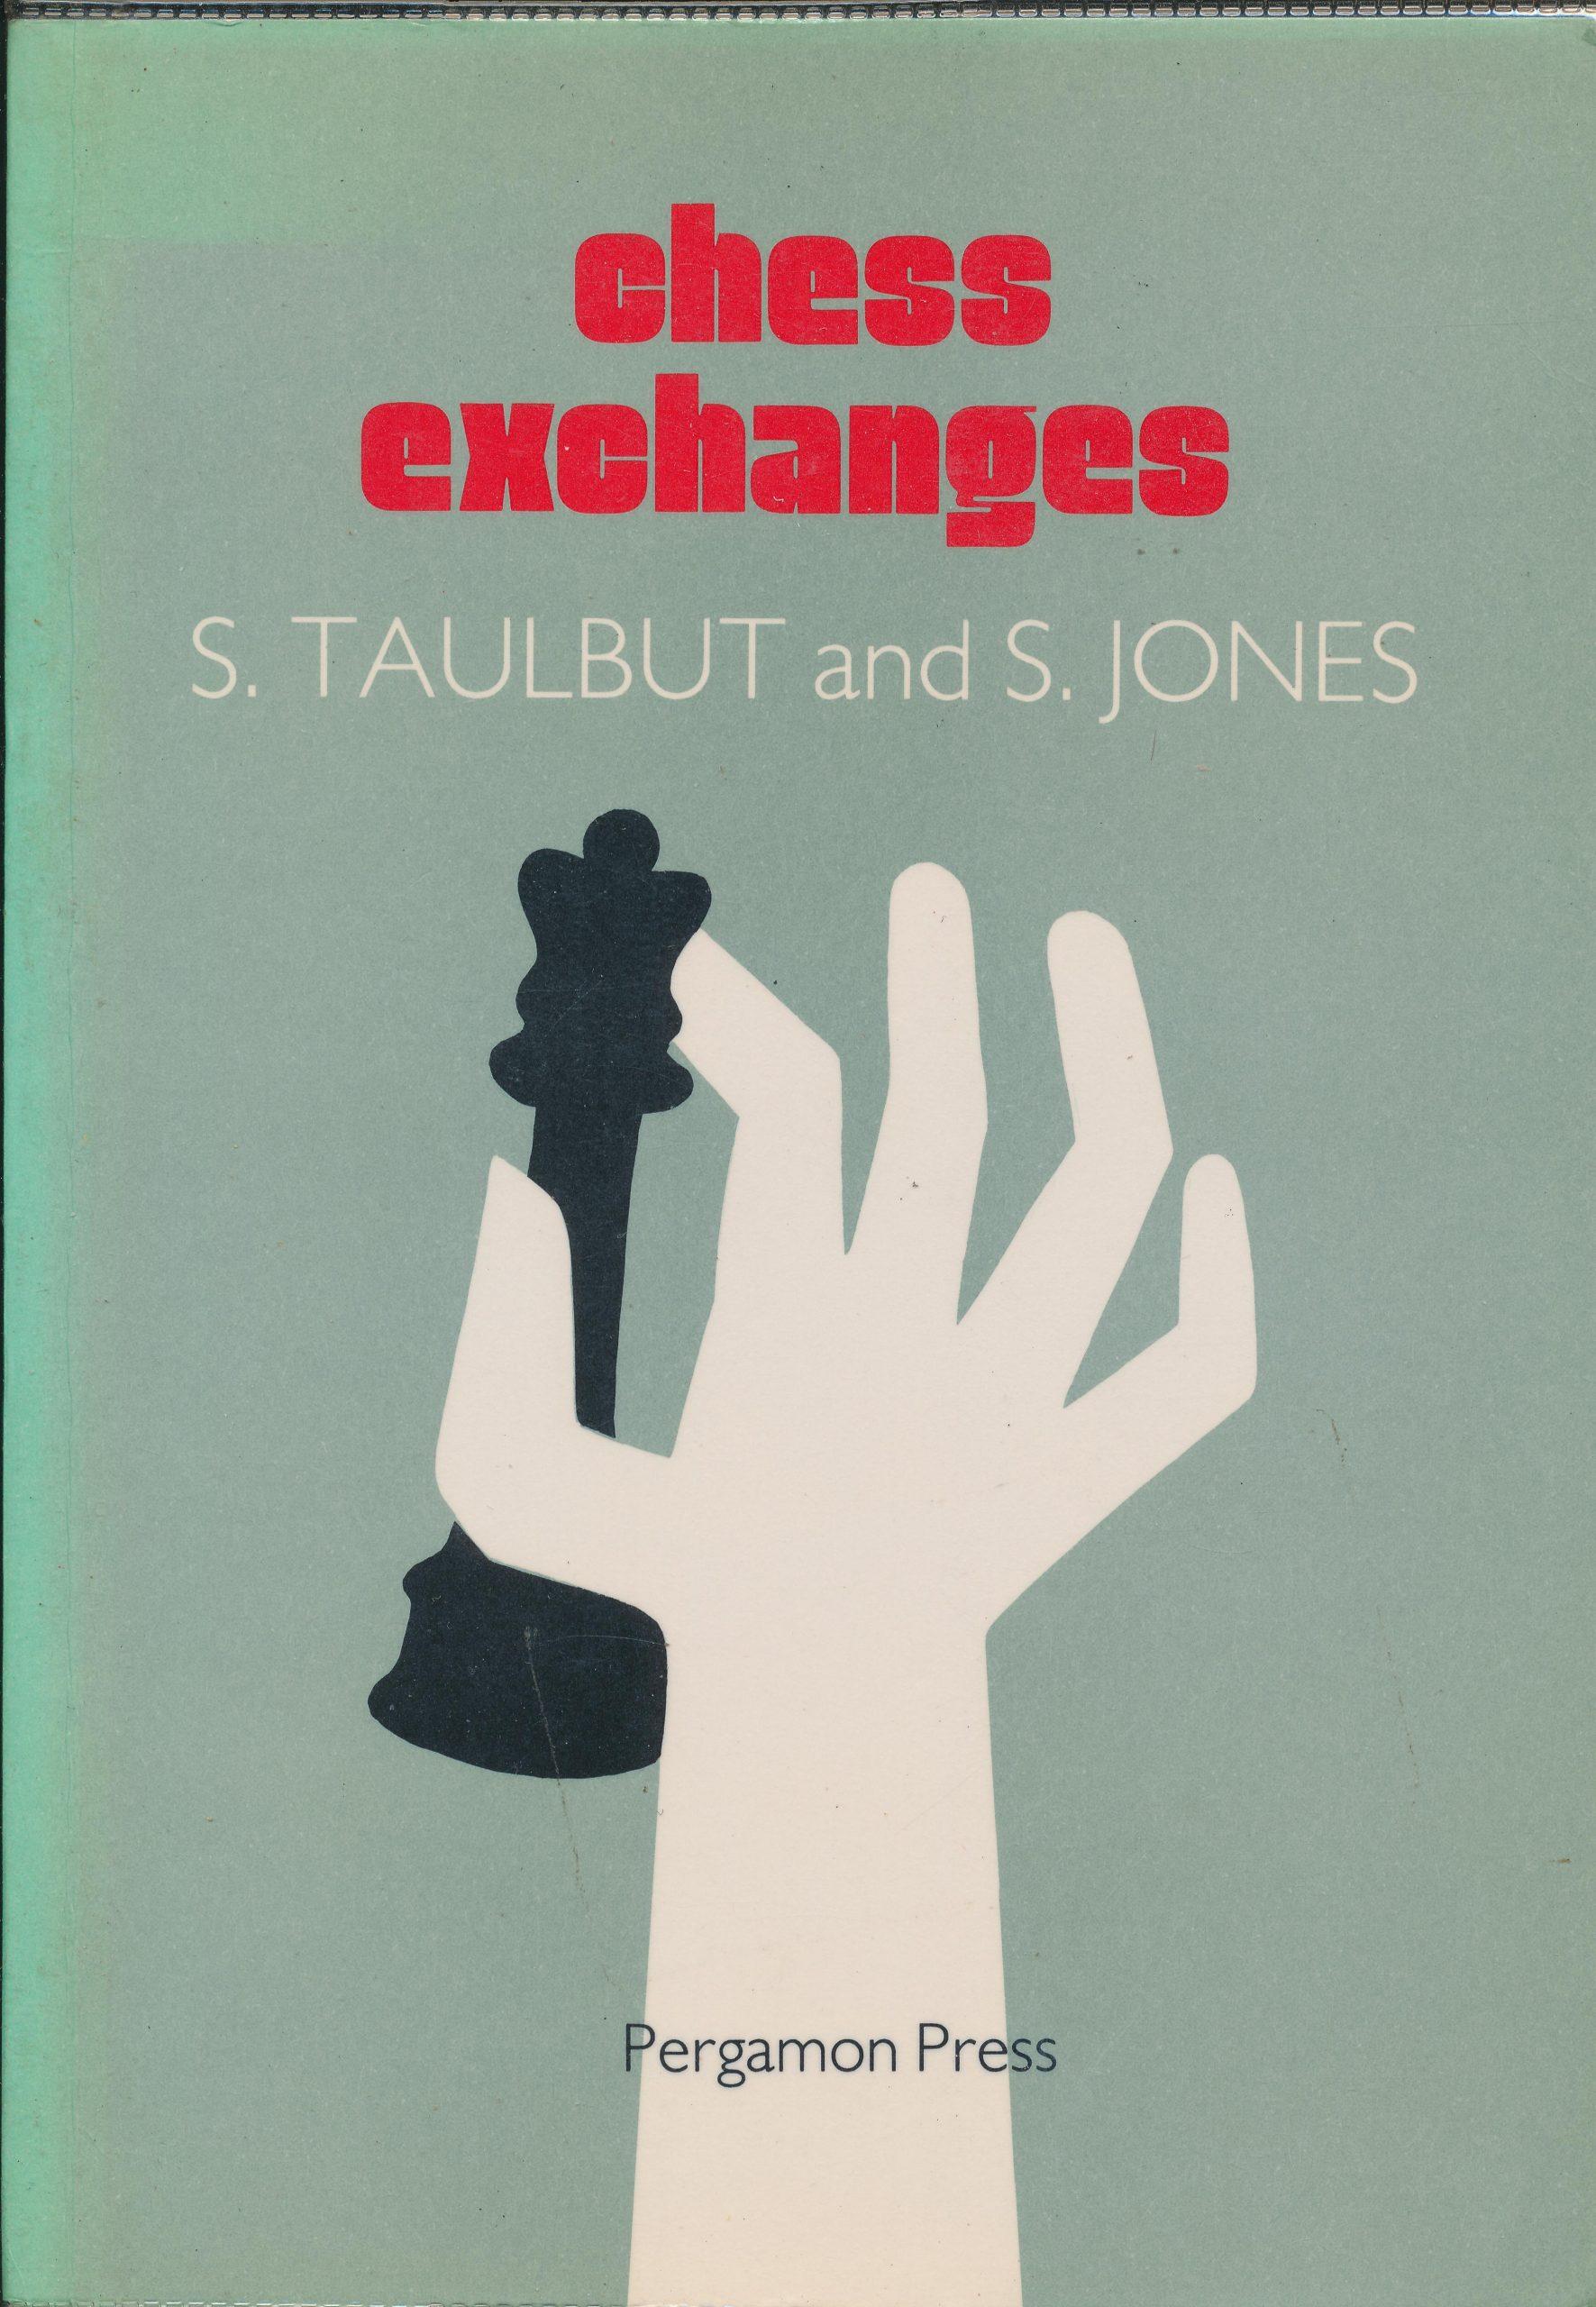 Chess Exchanges, S. Taulbut & S.Jones. Pergamon Press, 1986, 0 08 029751-X